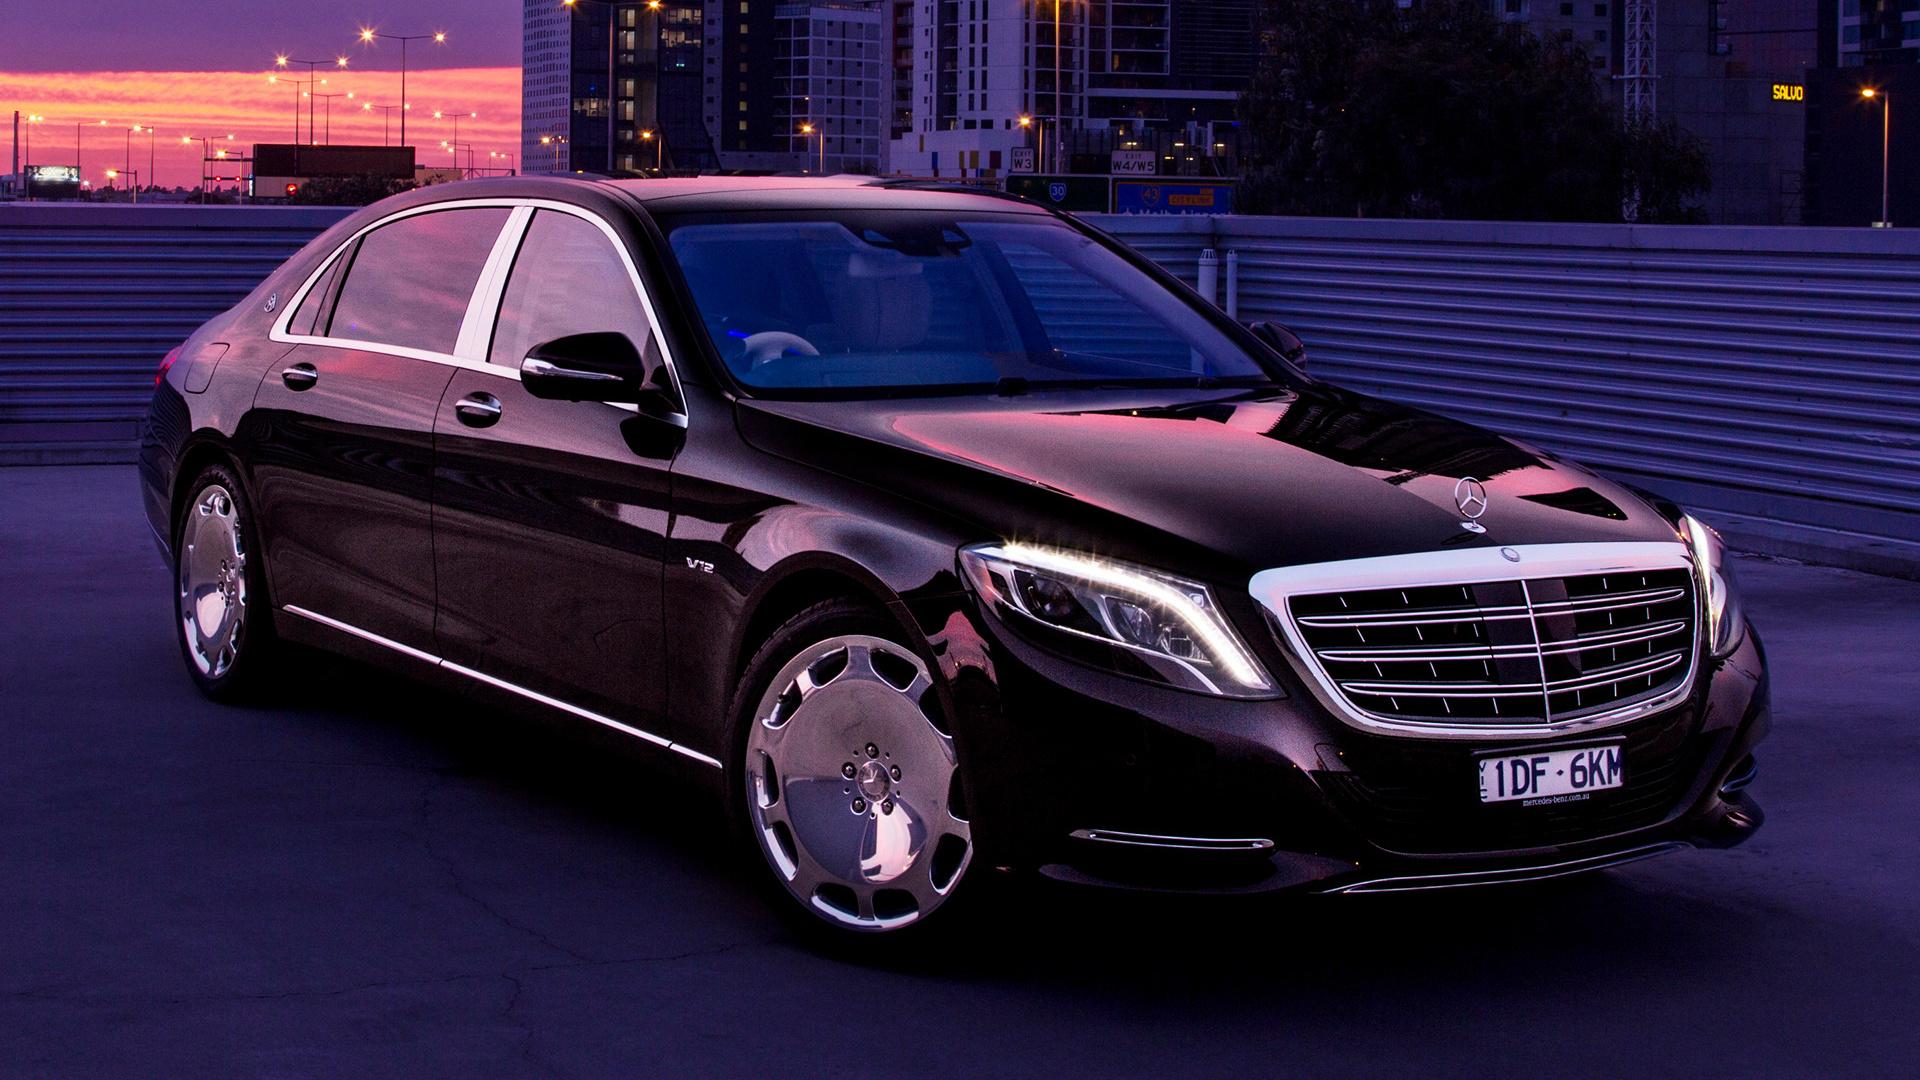 2015 Mercedes Maybach S Class Au Fondos De Pantalla E